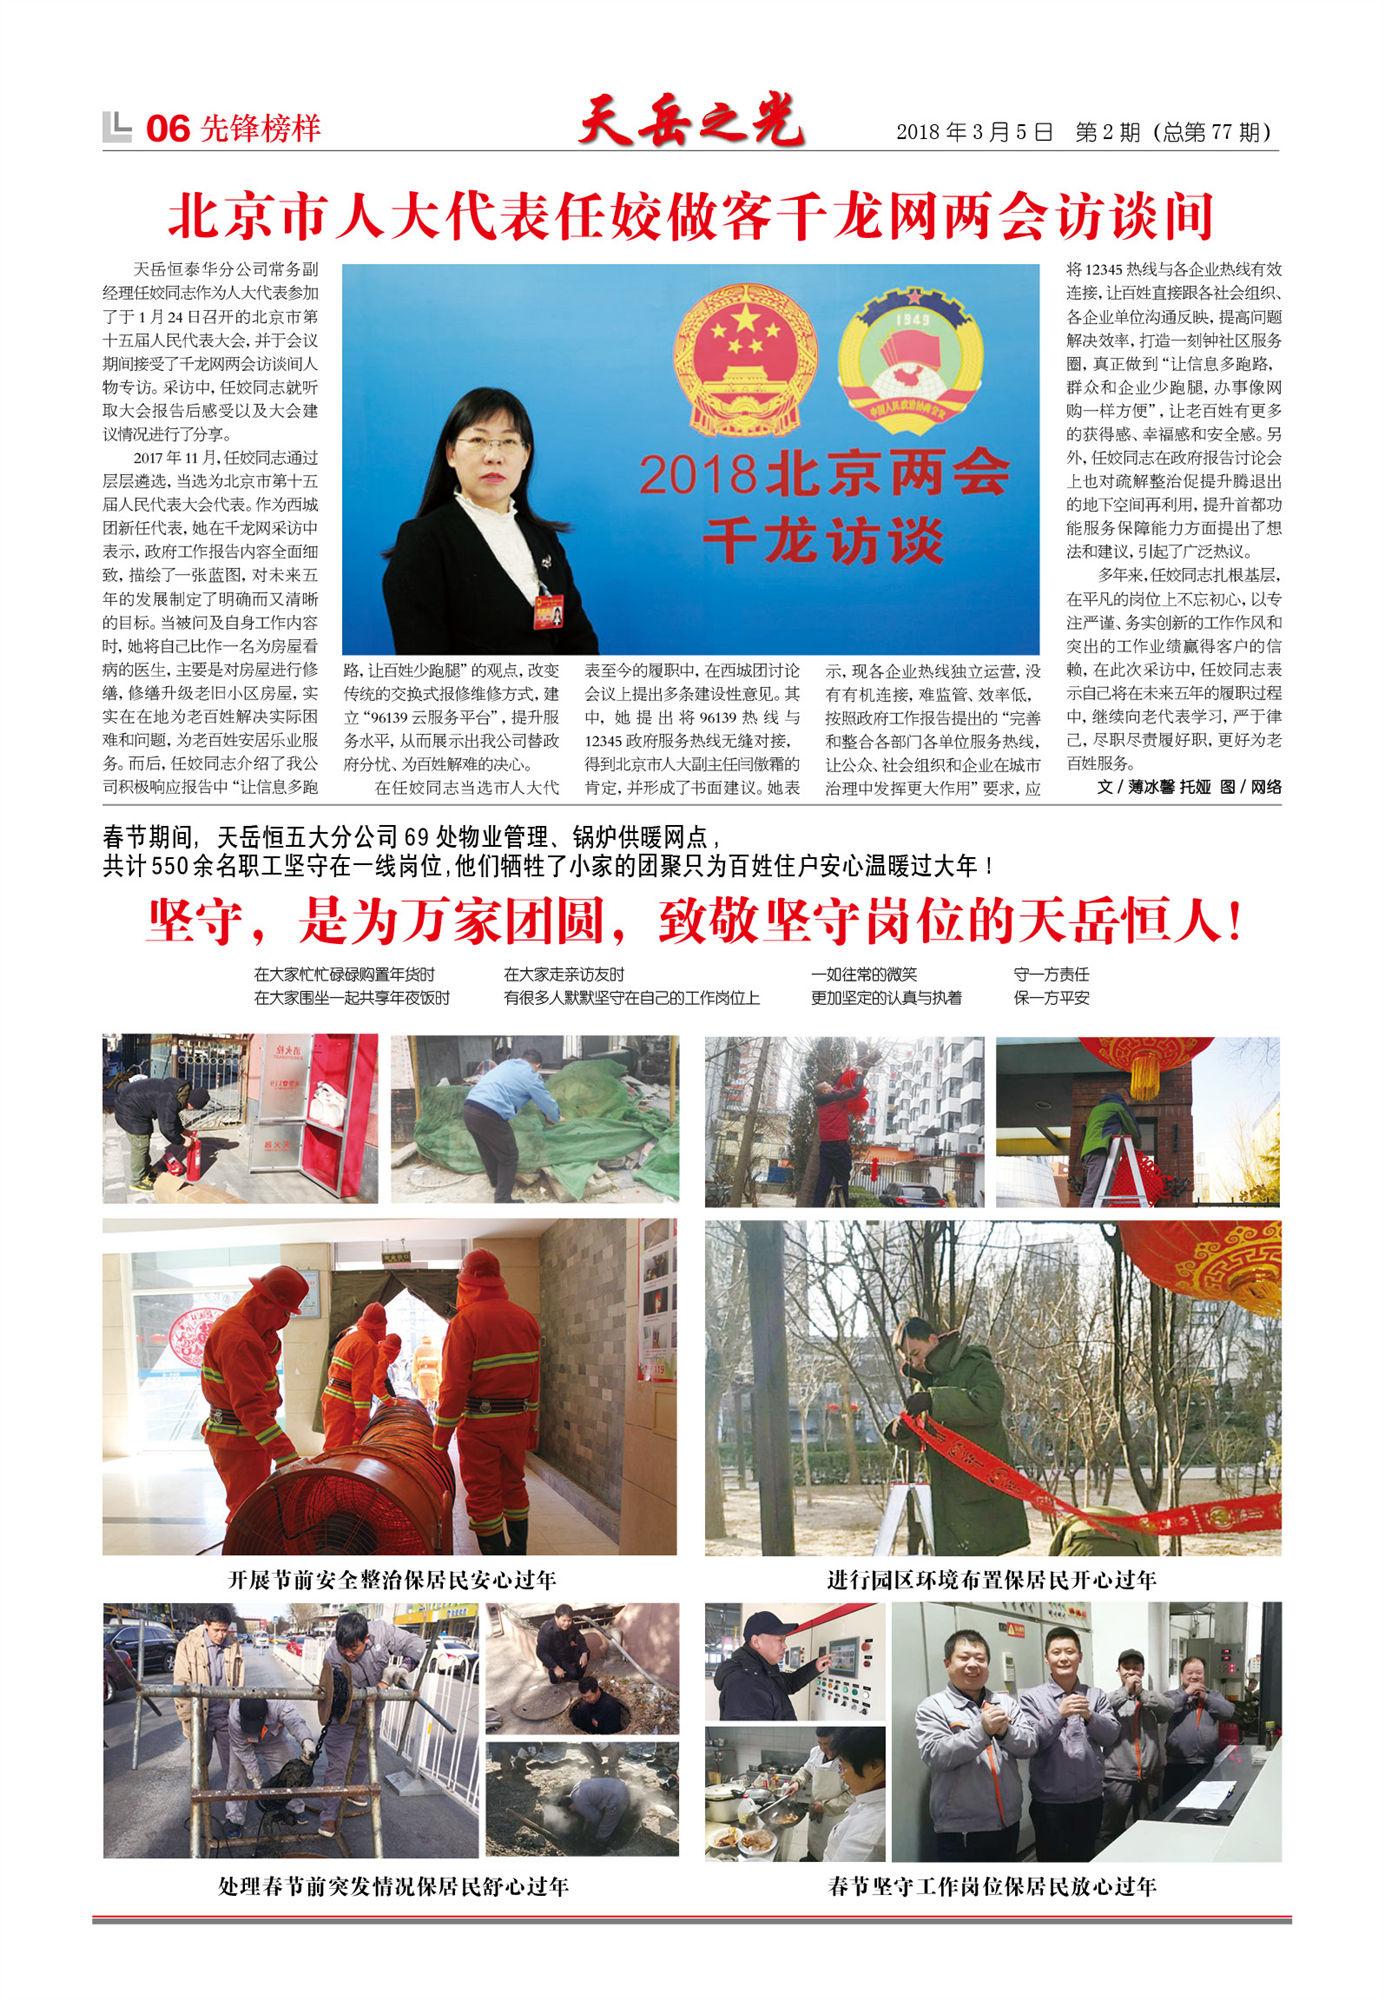 2-大赢家棋牌官网2月报纸最终6